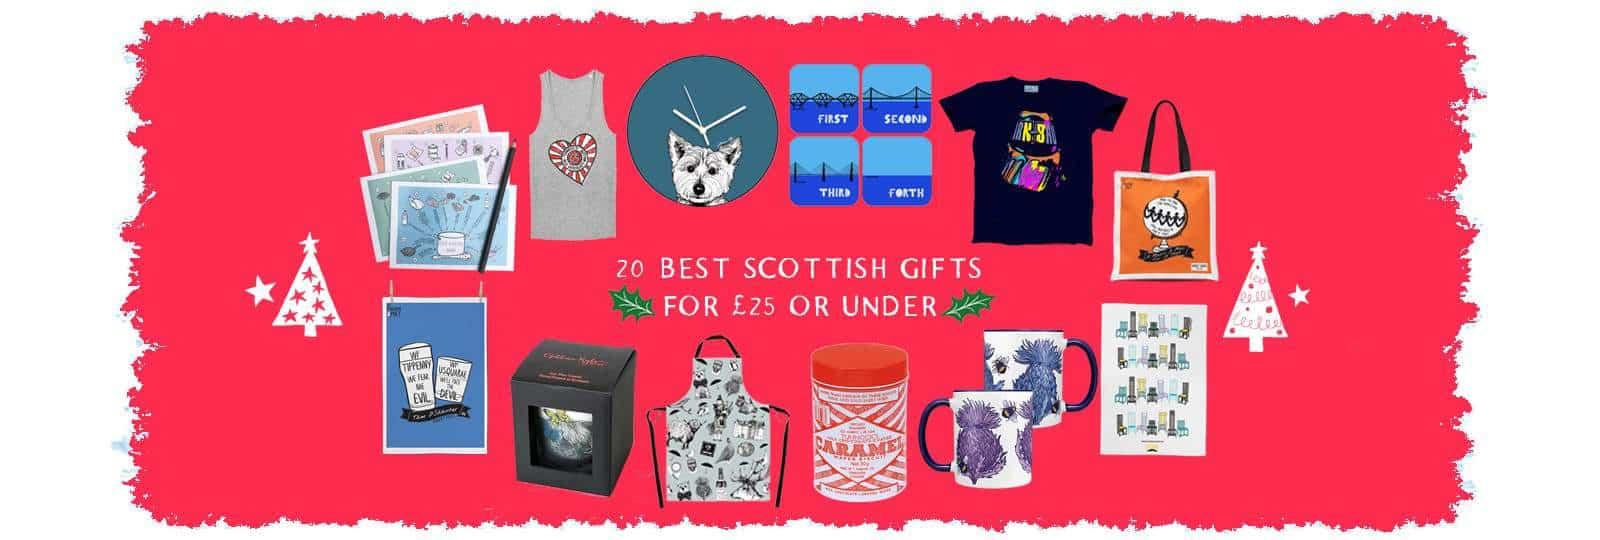 Best Scottish gifts under £25 featuring